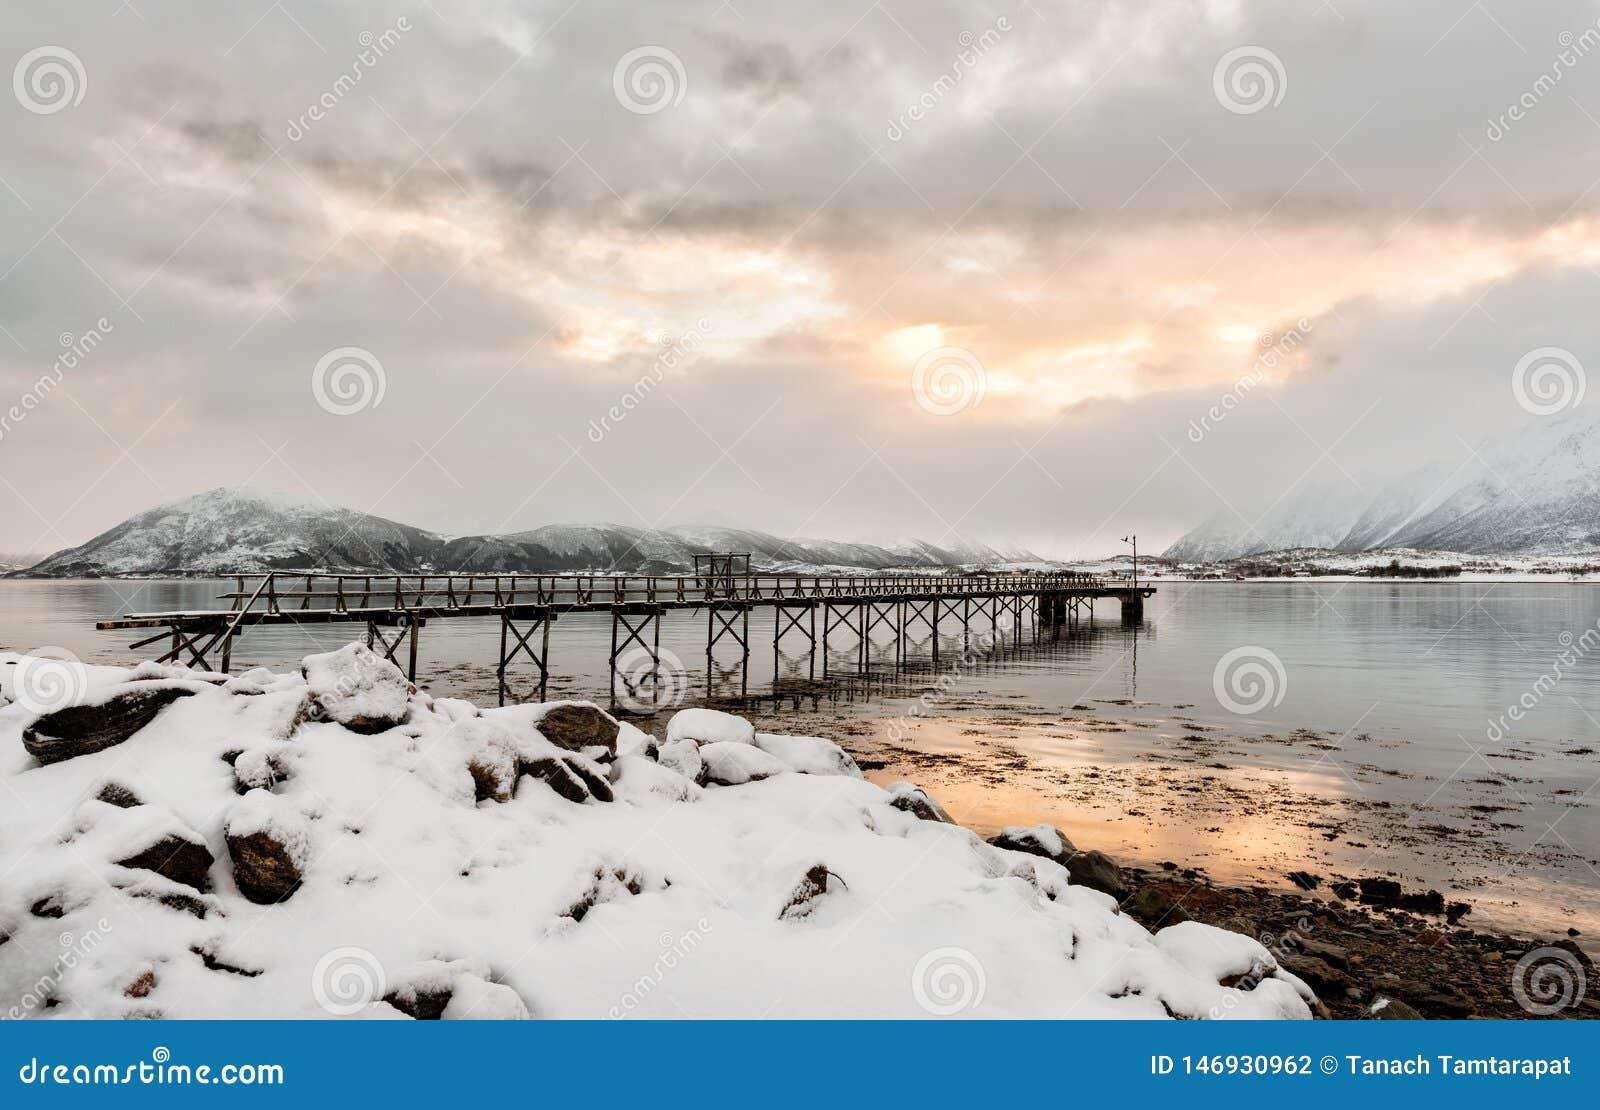 铁桥梁推出入海